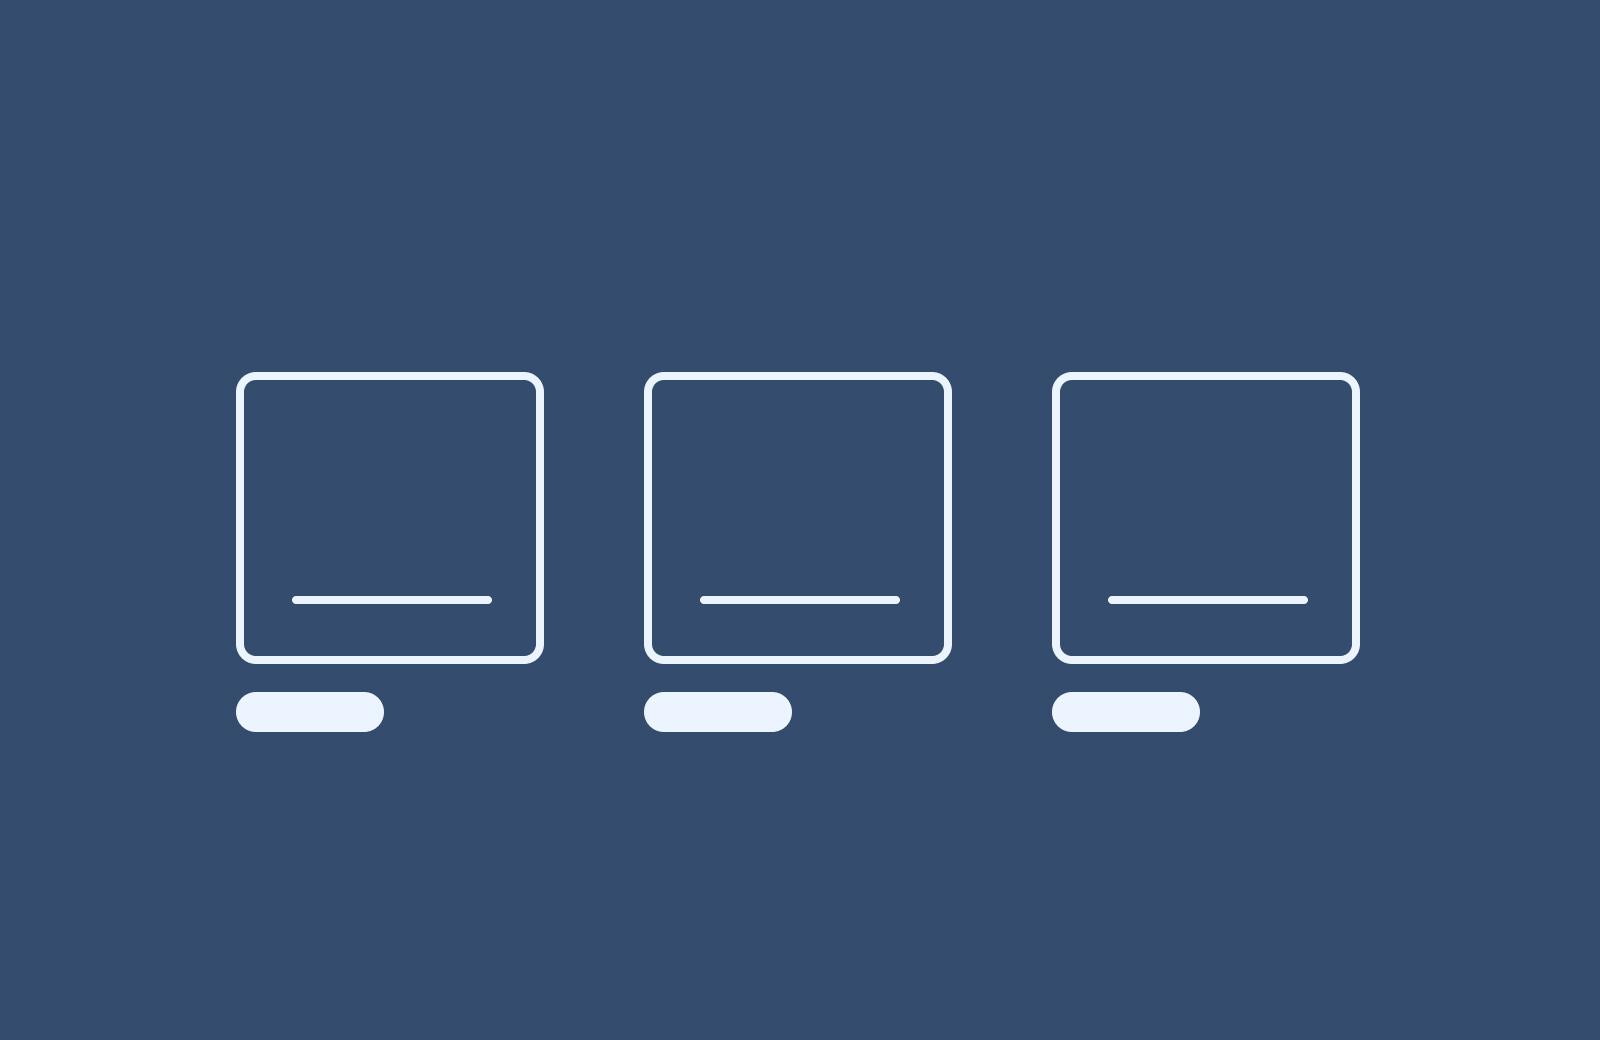 Website Design Illustration